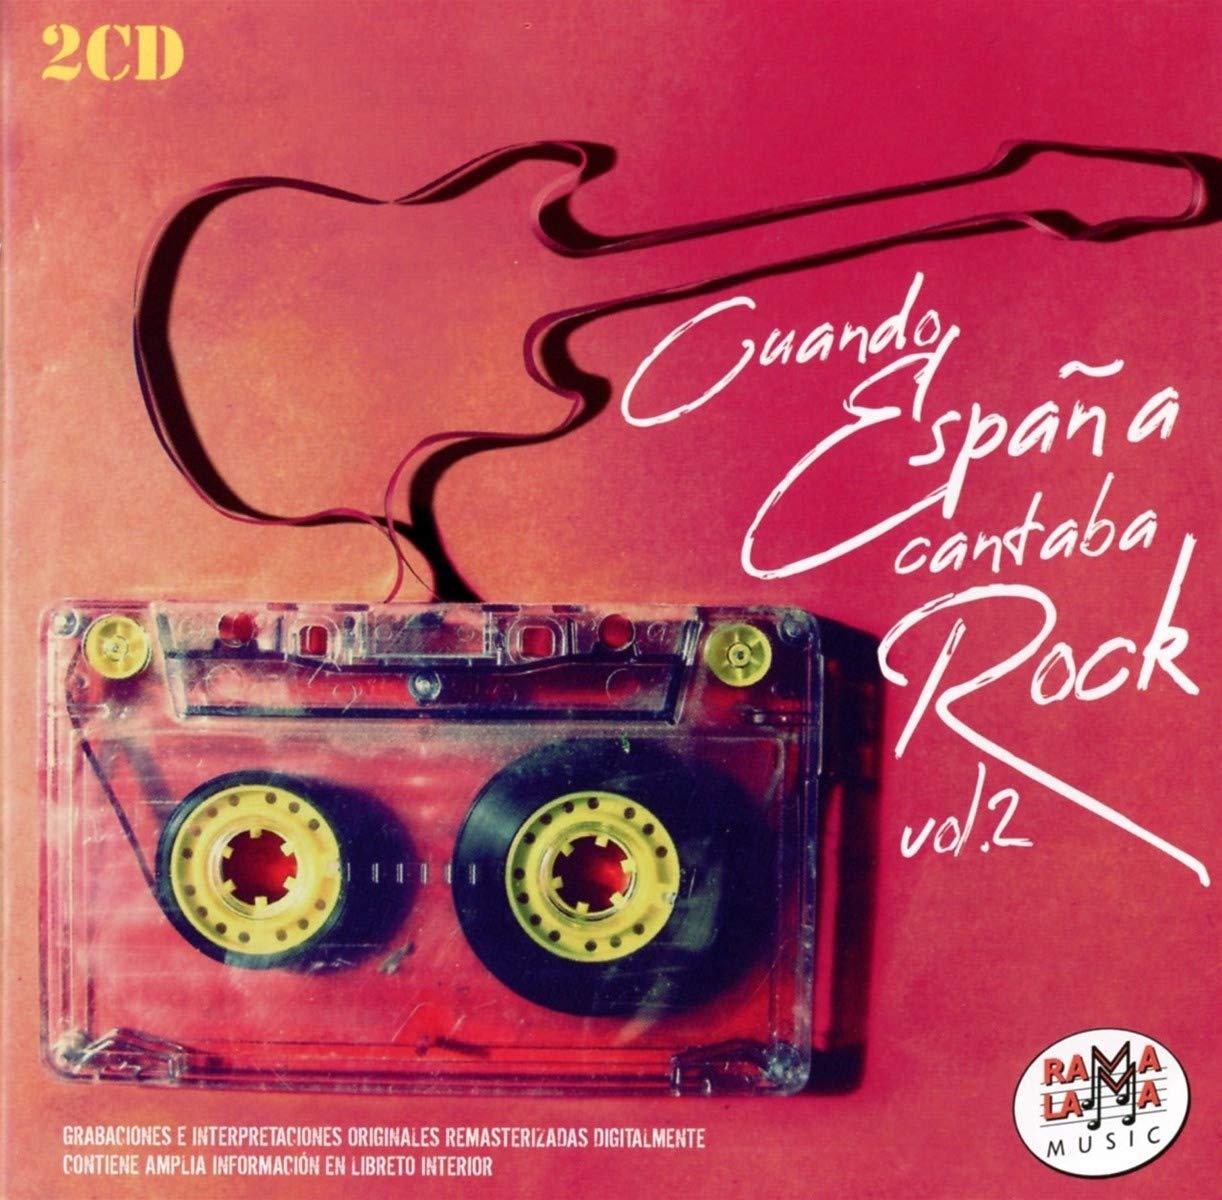 Cuando España Cantaba Rock Vol.2: Varios: Amazon.es: Música